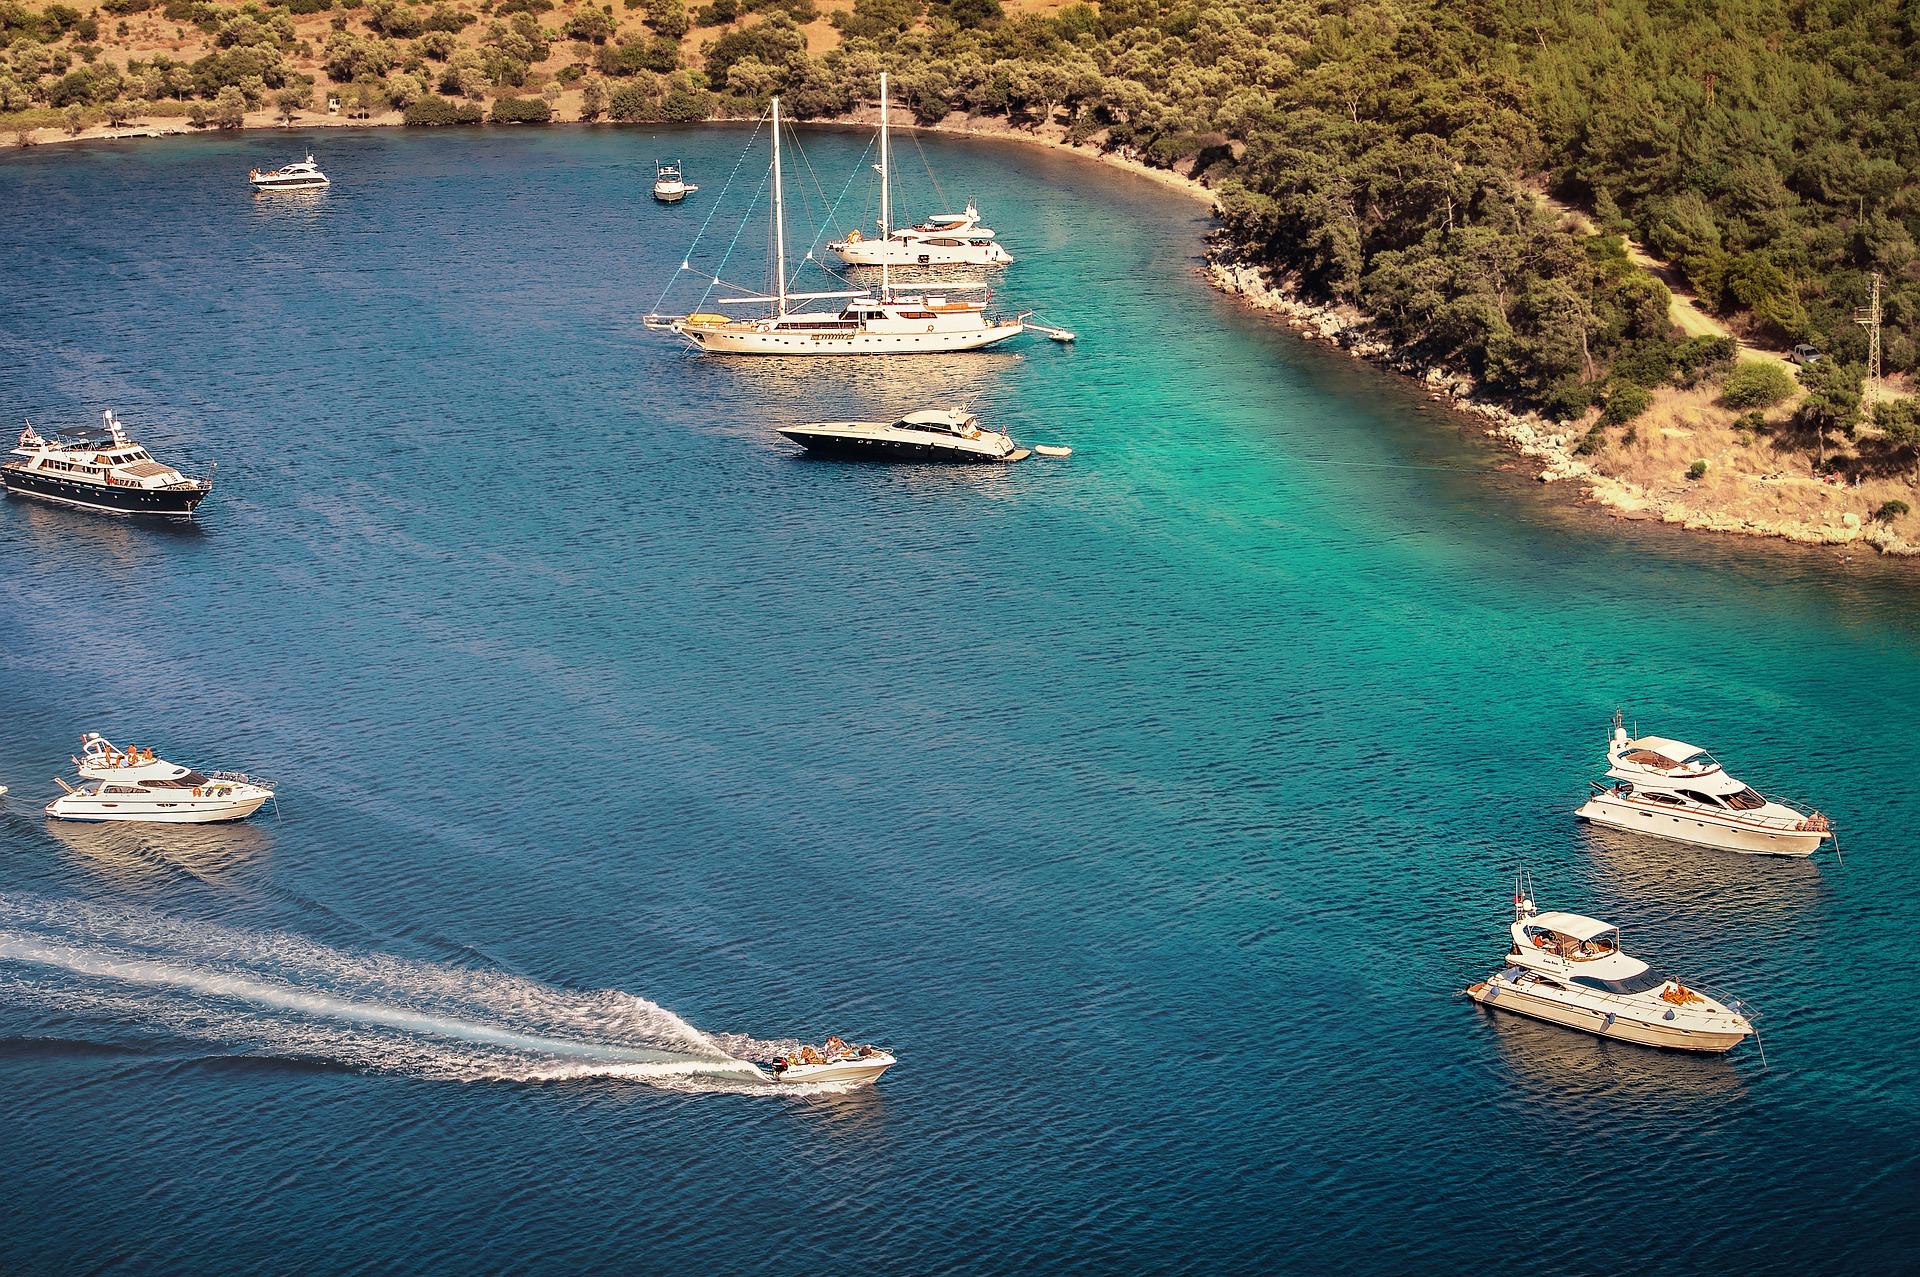 Türkei Bodrum - Yacht